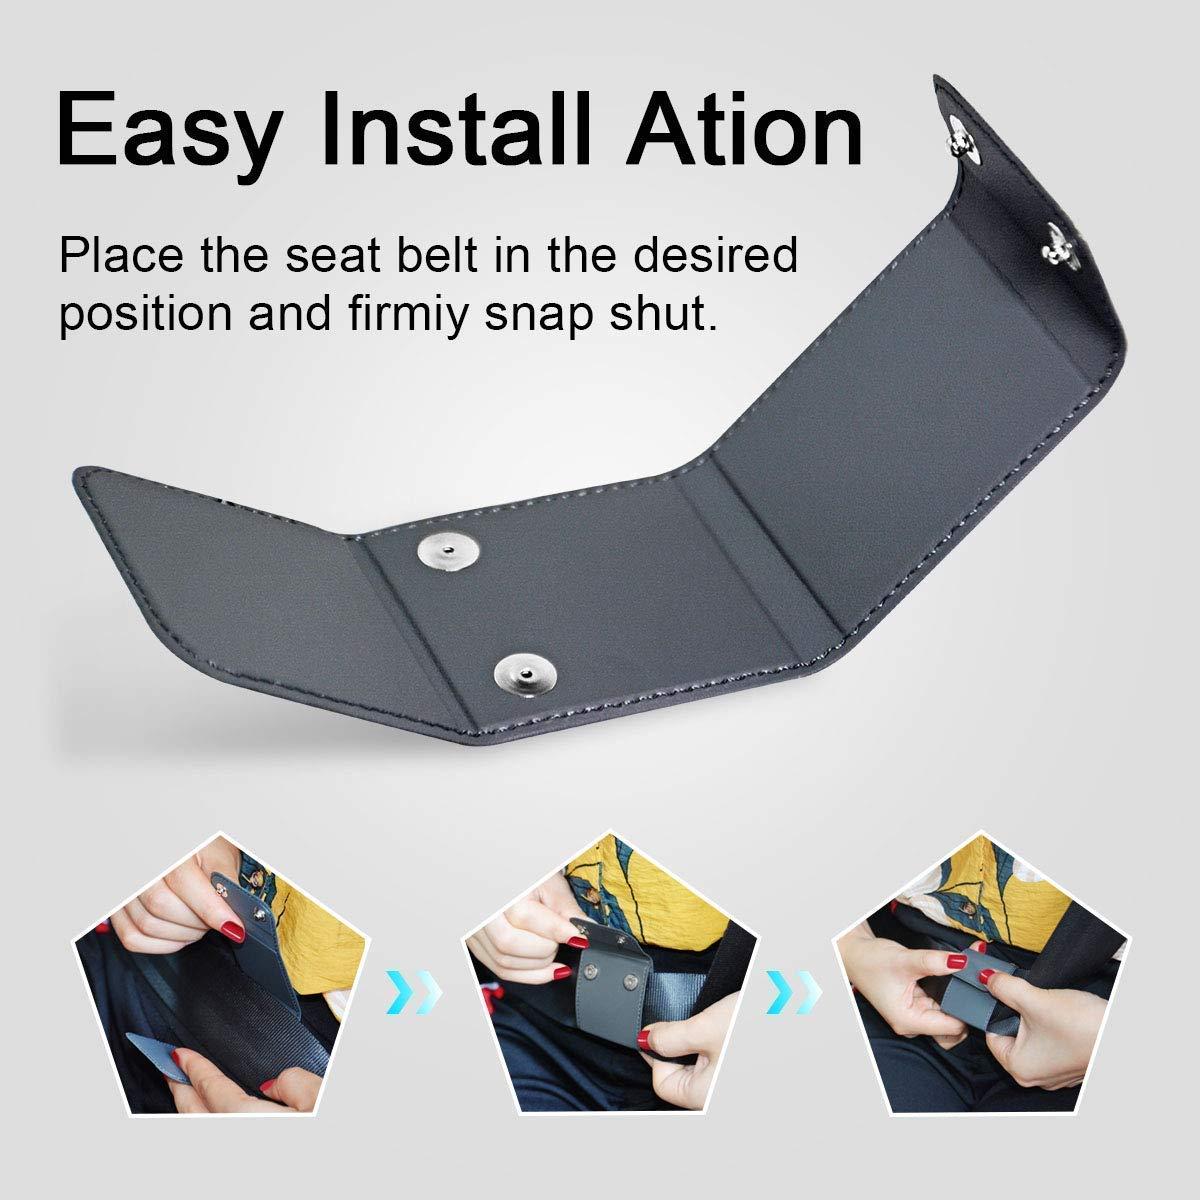 Gurte Einstellknopf Monojoy Autositz Gurtversteller Schwarz, 2 Pack Sicherheitsgurt Clips,Smart Adjust Sitzgurte Zum Entspannen Schulter Hals Geben Ihnen Eine Komfortable und sichere Erfahrung